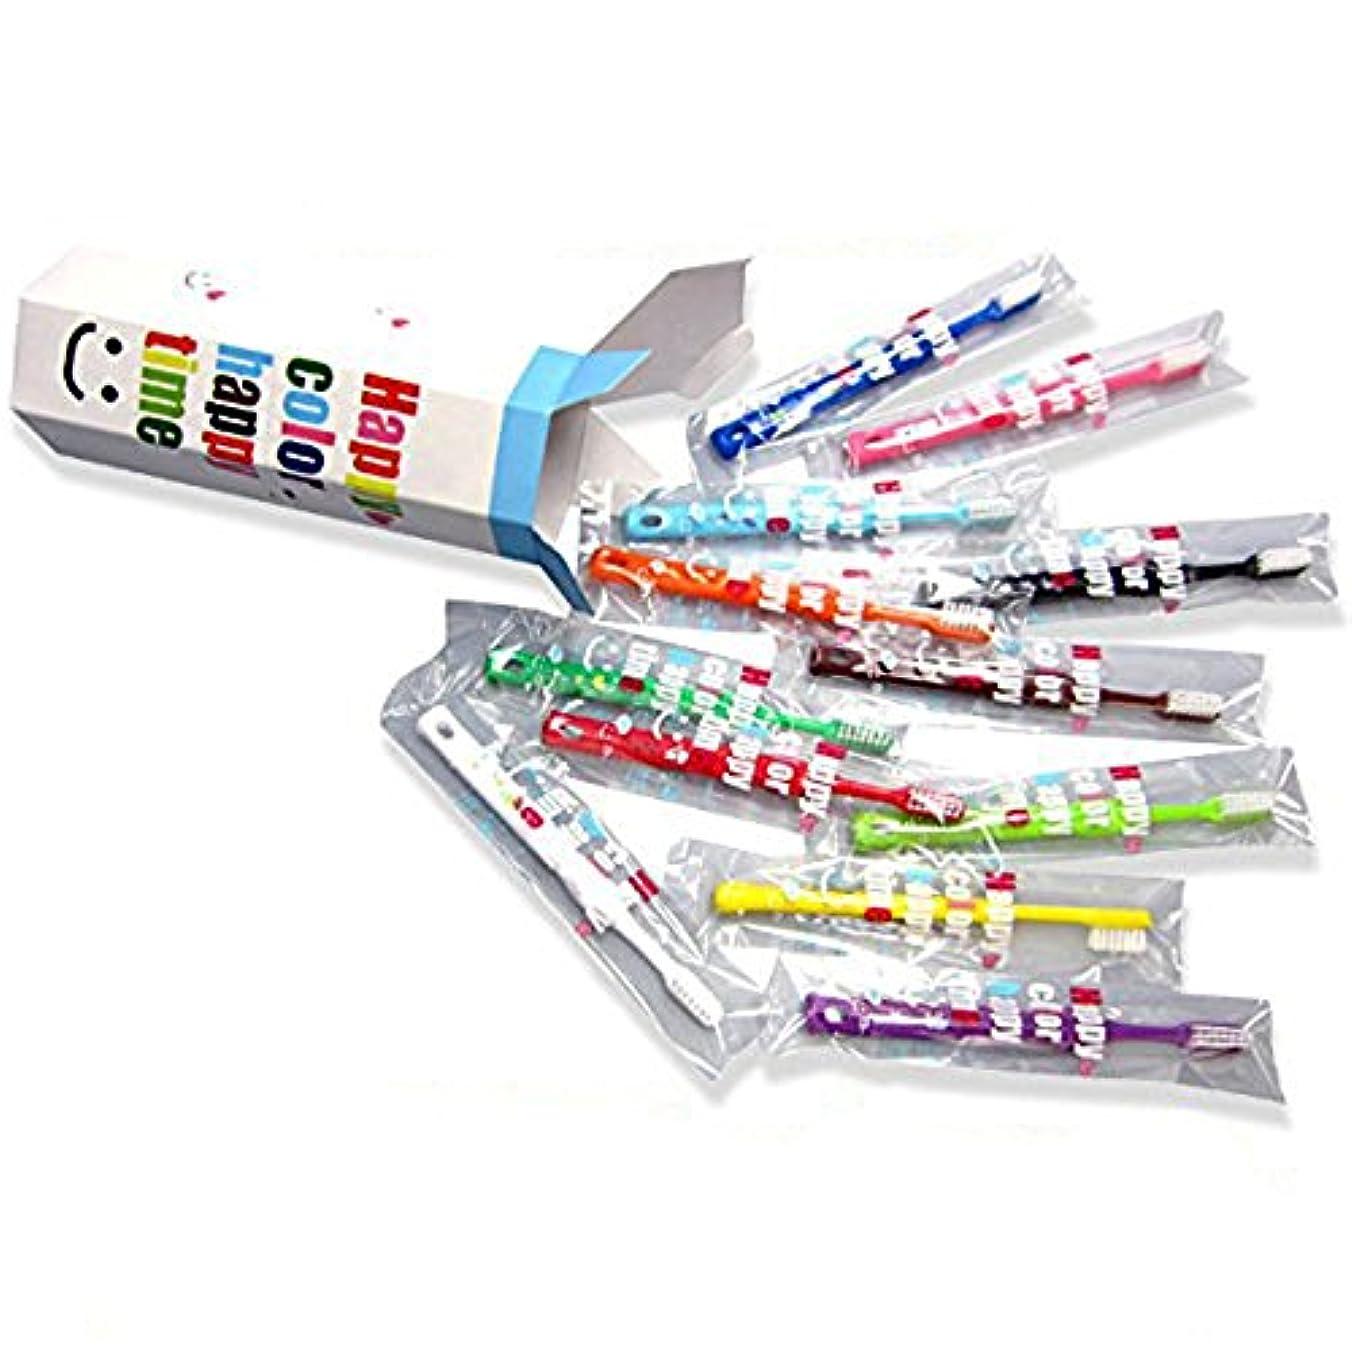 下線立法受け入れるラピス 子供 歯ブラシ ラピス LA-110 乳幼児 ハッピーカラー12色 セット 単品106